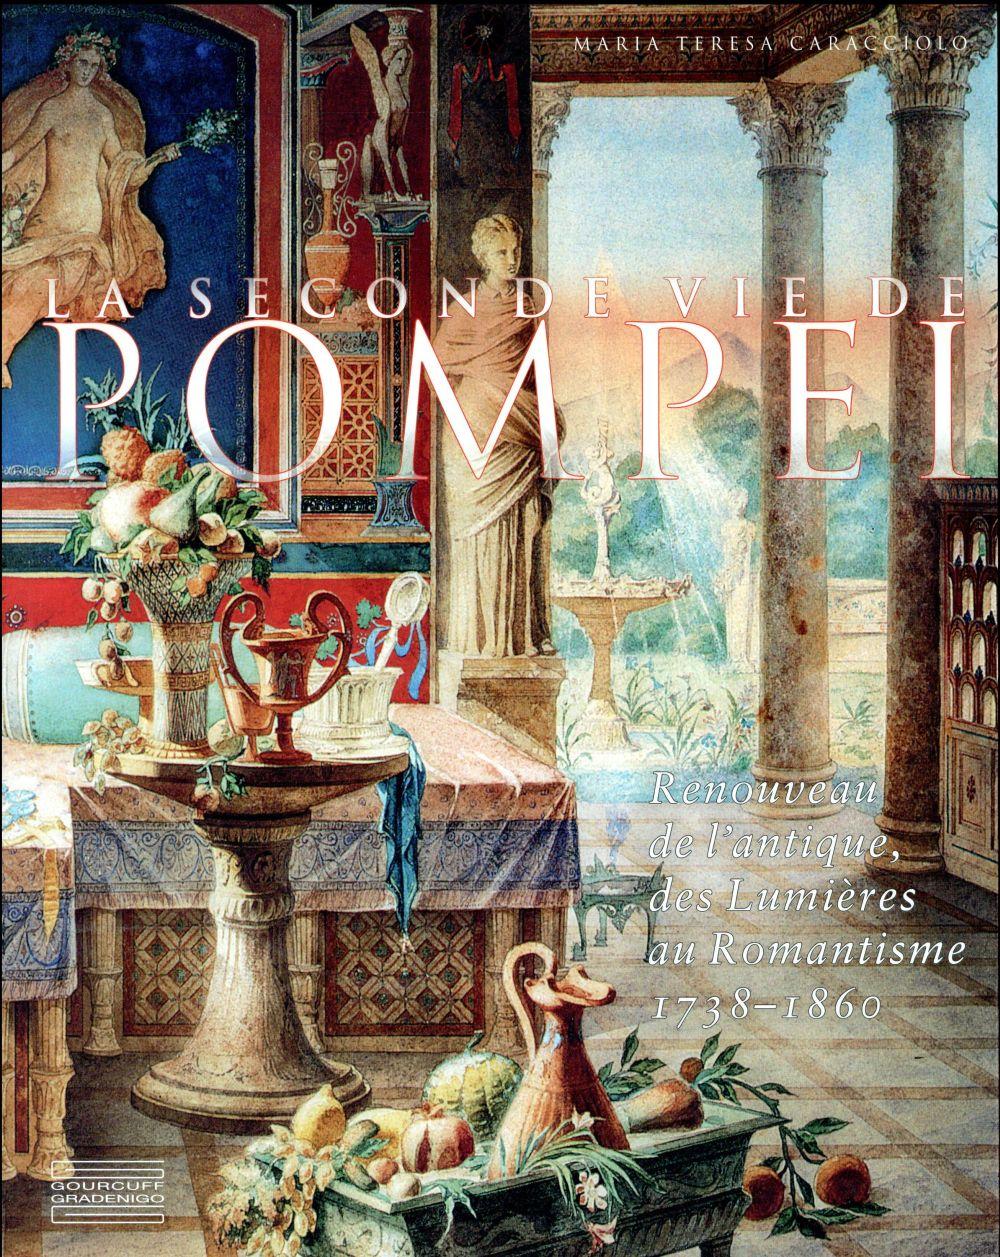 La seconde vie de Pompéi ; renaissance de l'antique, des Lumières au Romantisme 1738-1860